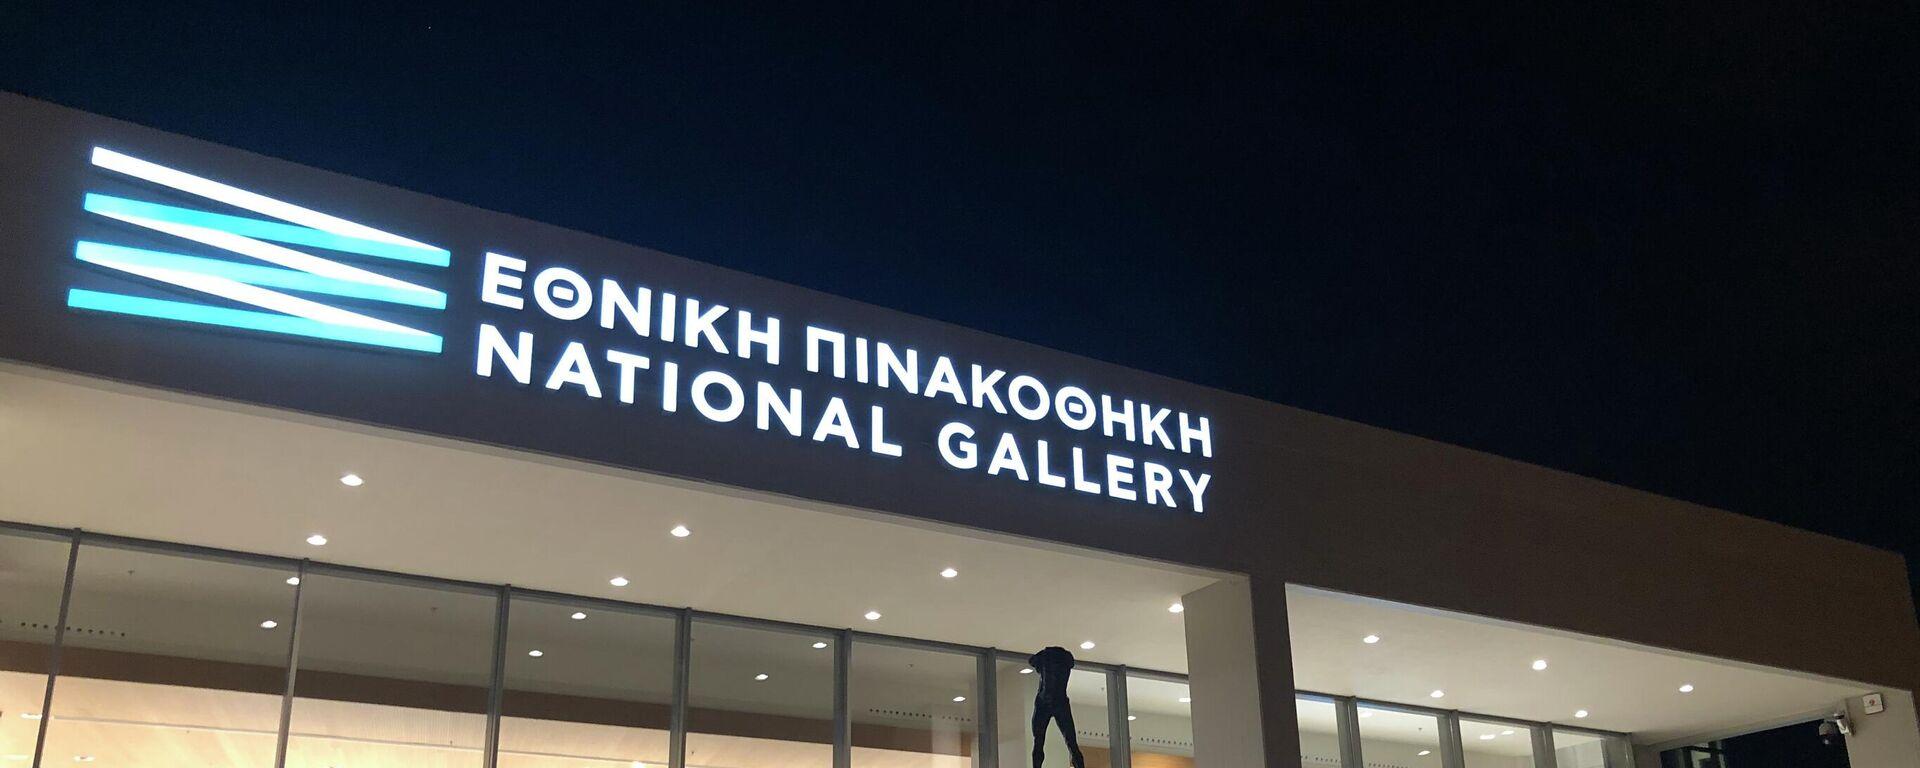 Η Εθνική Πινακοθήκη - Sputnik Ελλάδα, 1920, 29.06.2021